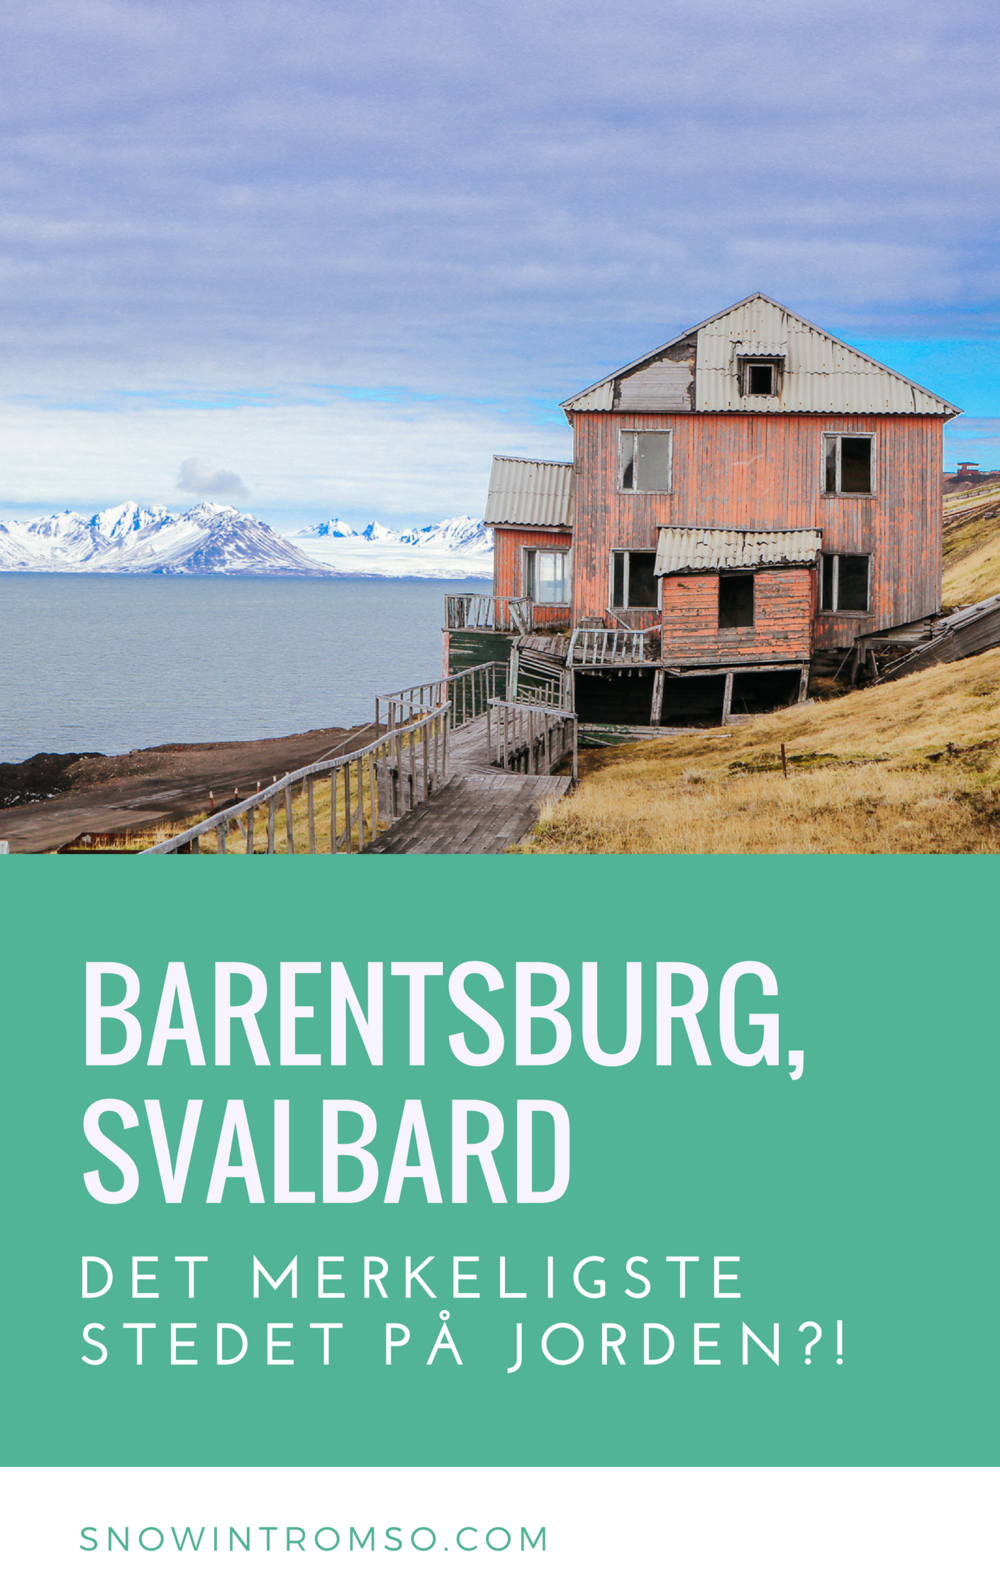 Skal du reise til Svalbard? Klikk gjennom til artikkelen for å lese mer om det muligens merkeligste stedet i verden, Barentsburg, og hvorfor du bør besøke!